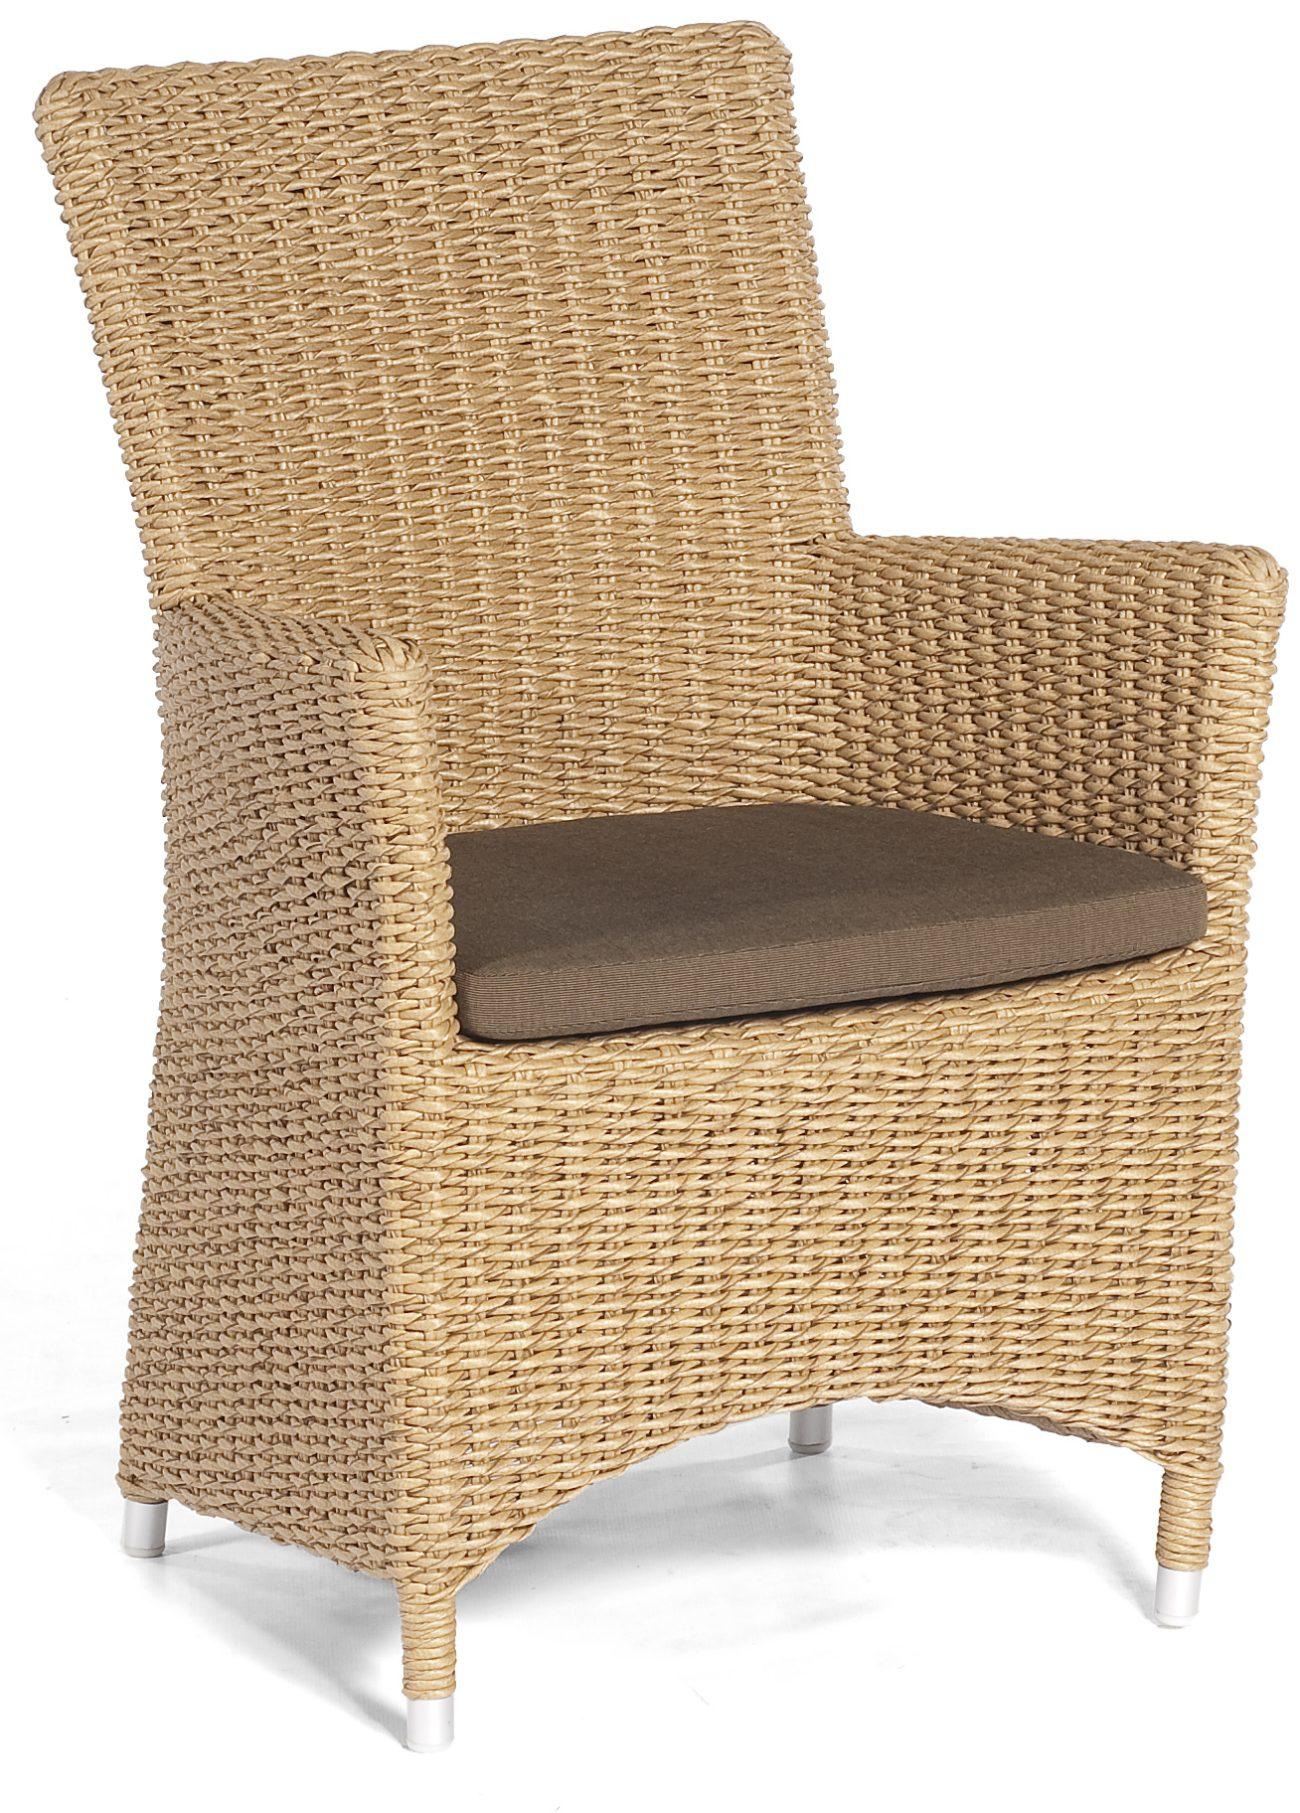 geflechtsessel ikarus robuster und bequemer wintergartensessel im hochwertigen poly. Black Bedroom Furniture Sets. Home Design Ideas